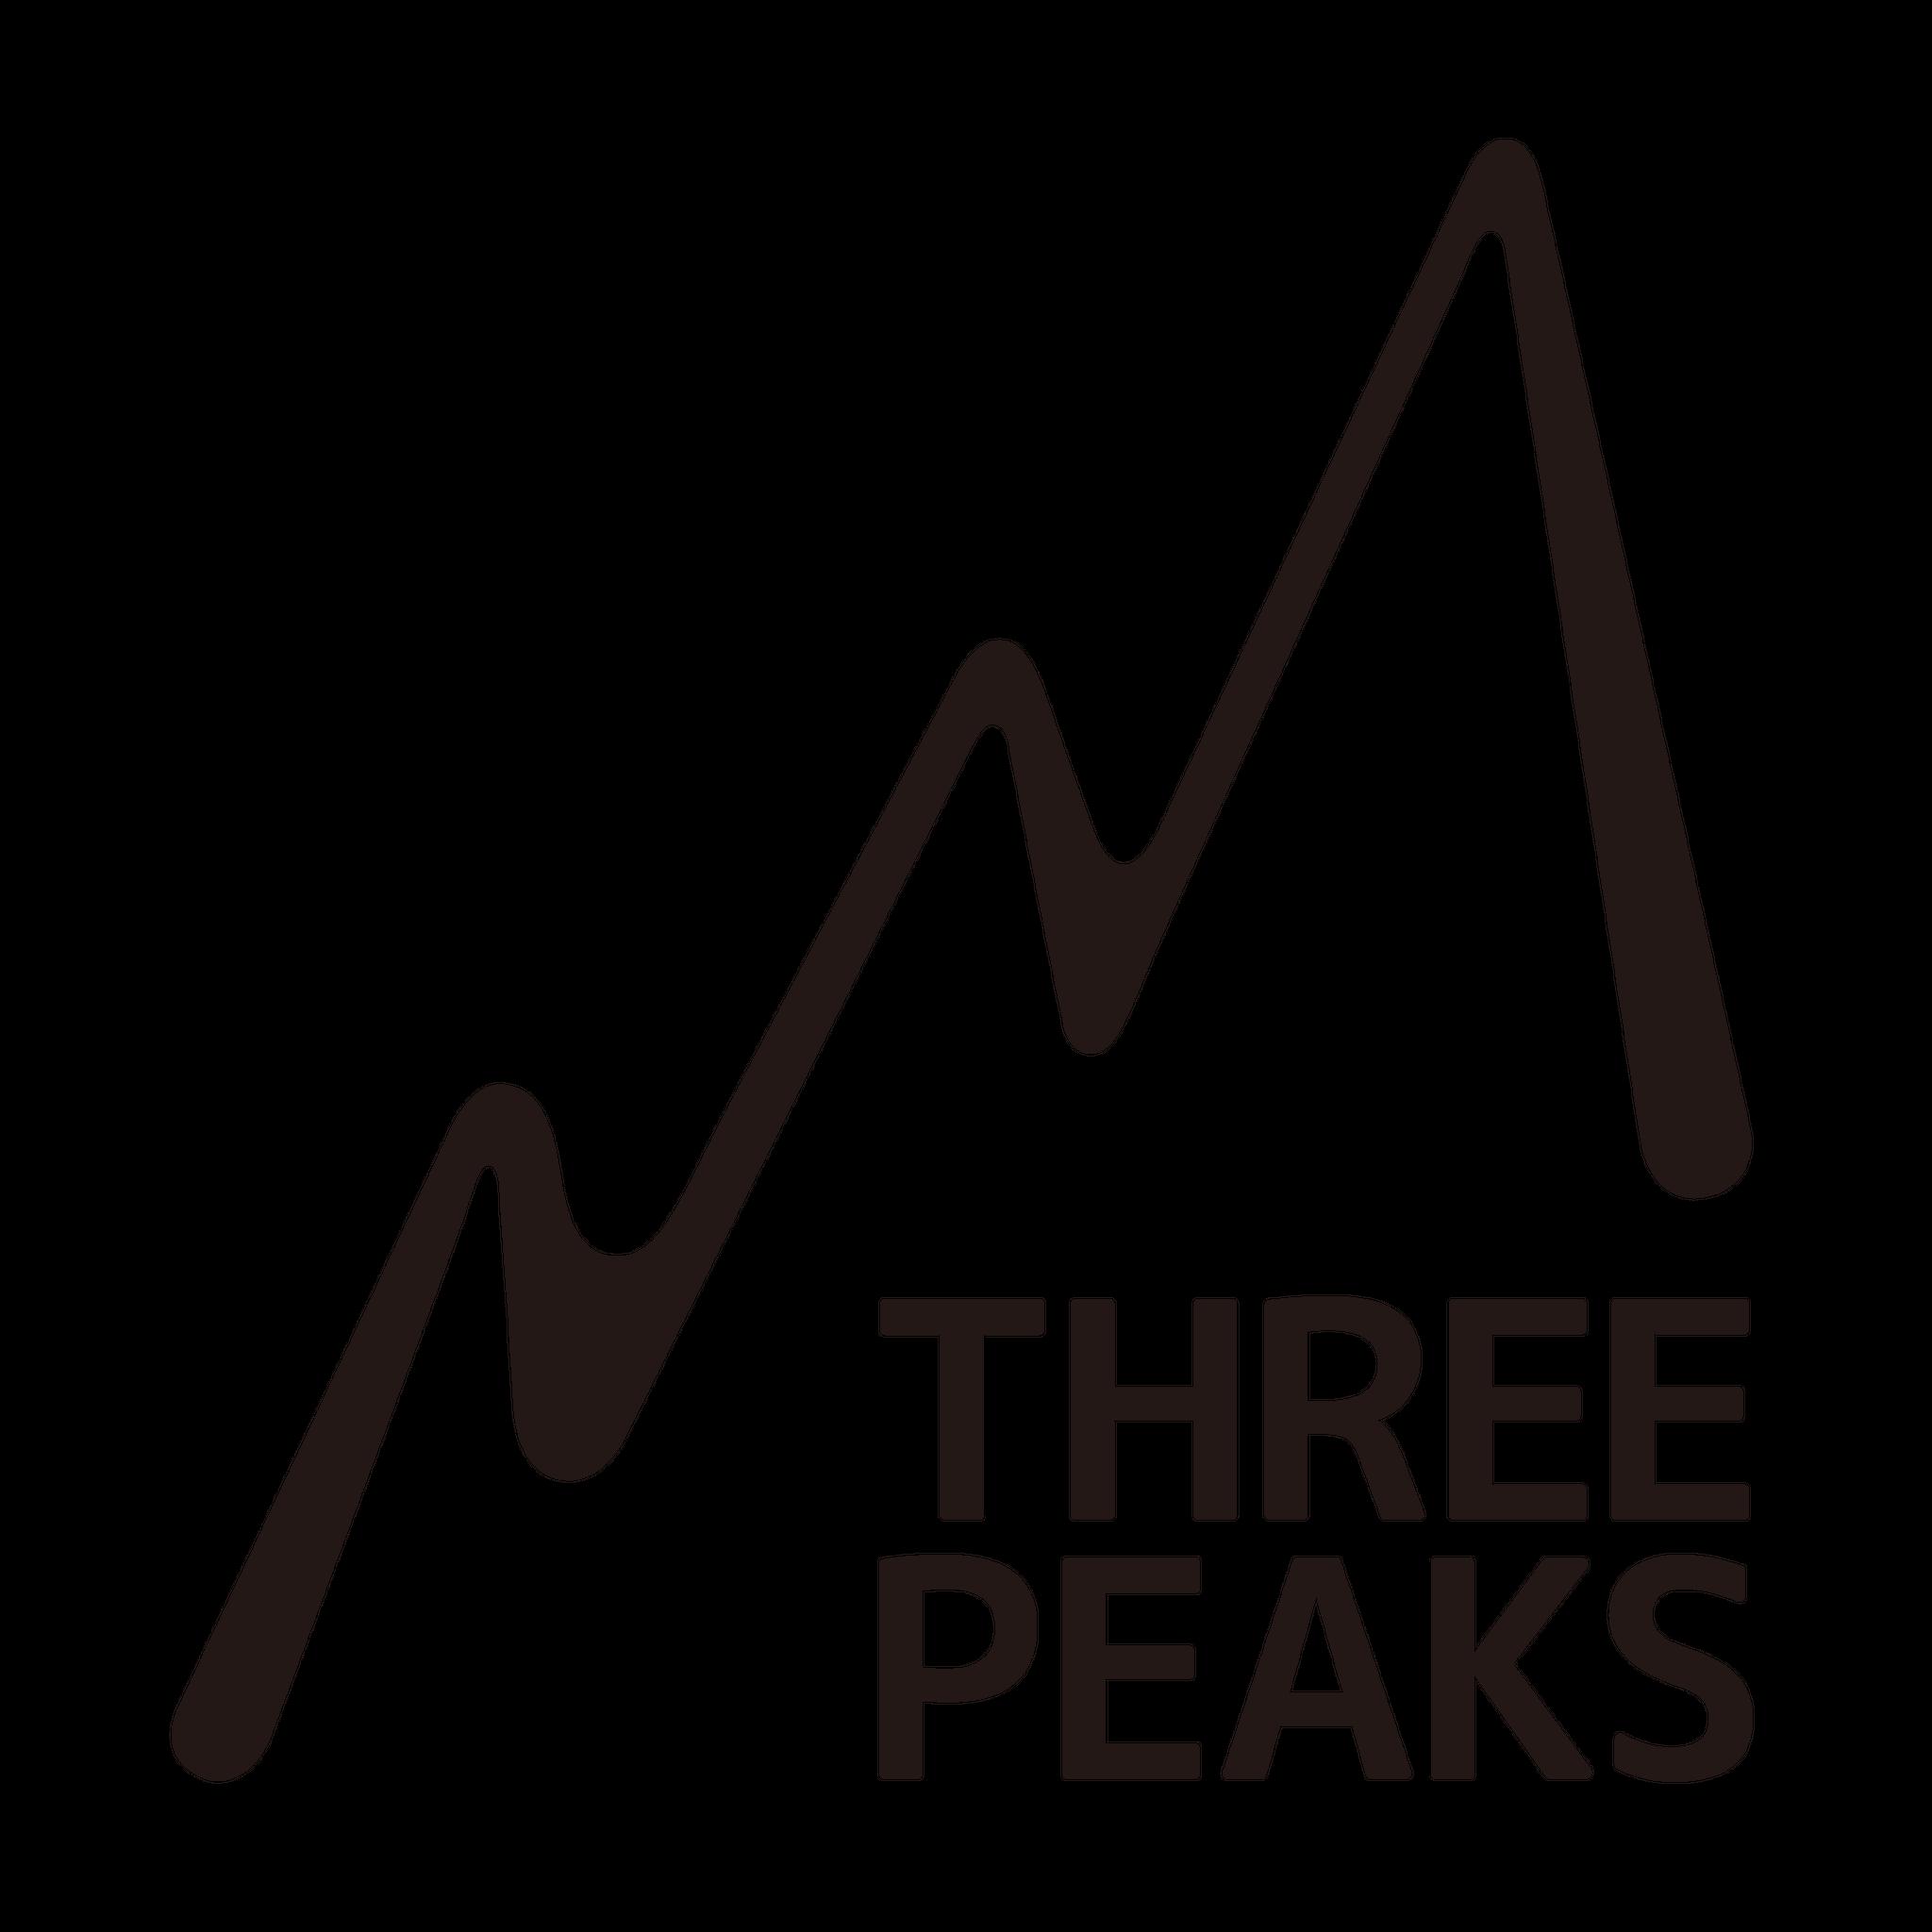 THREE PEAKS ONLINE SHOP